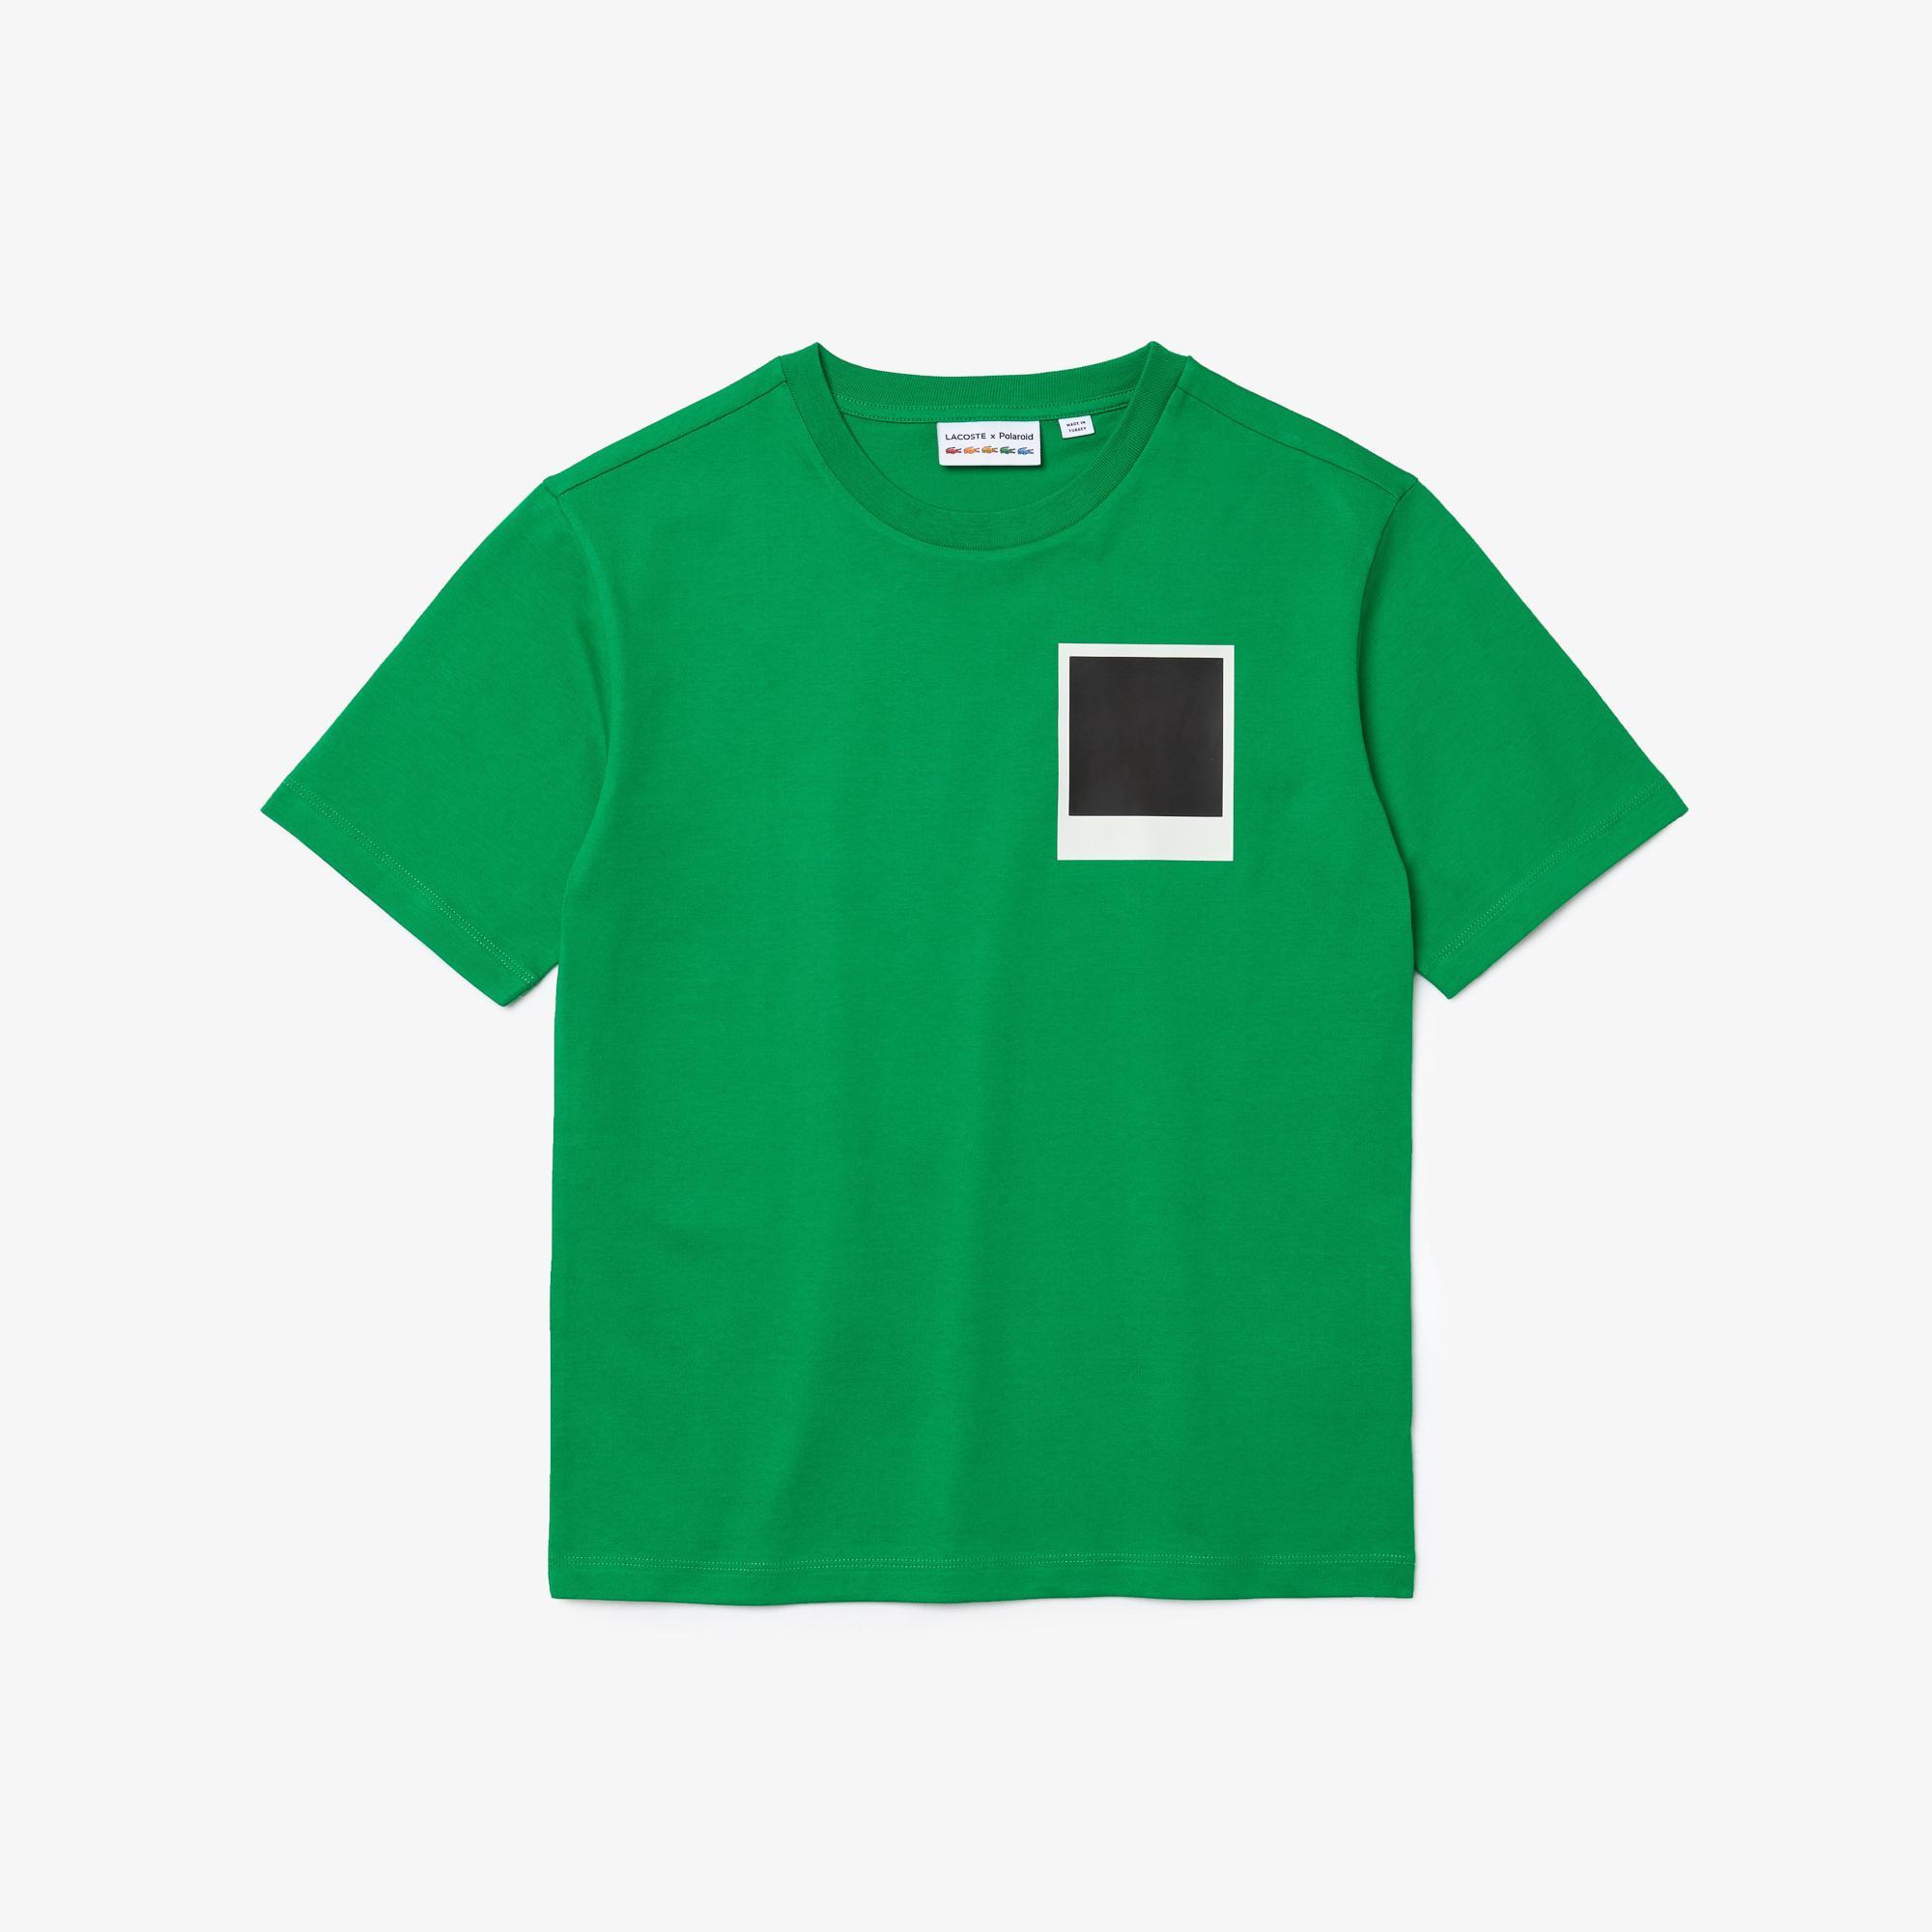 Lacoste X Polaroid Kadın Bisiklet Yaka Baskılı Yeşil T-Shirt